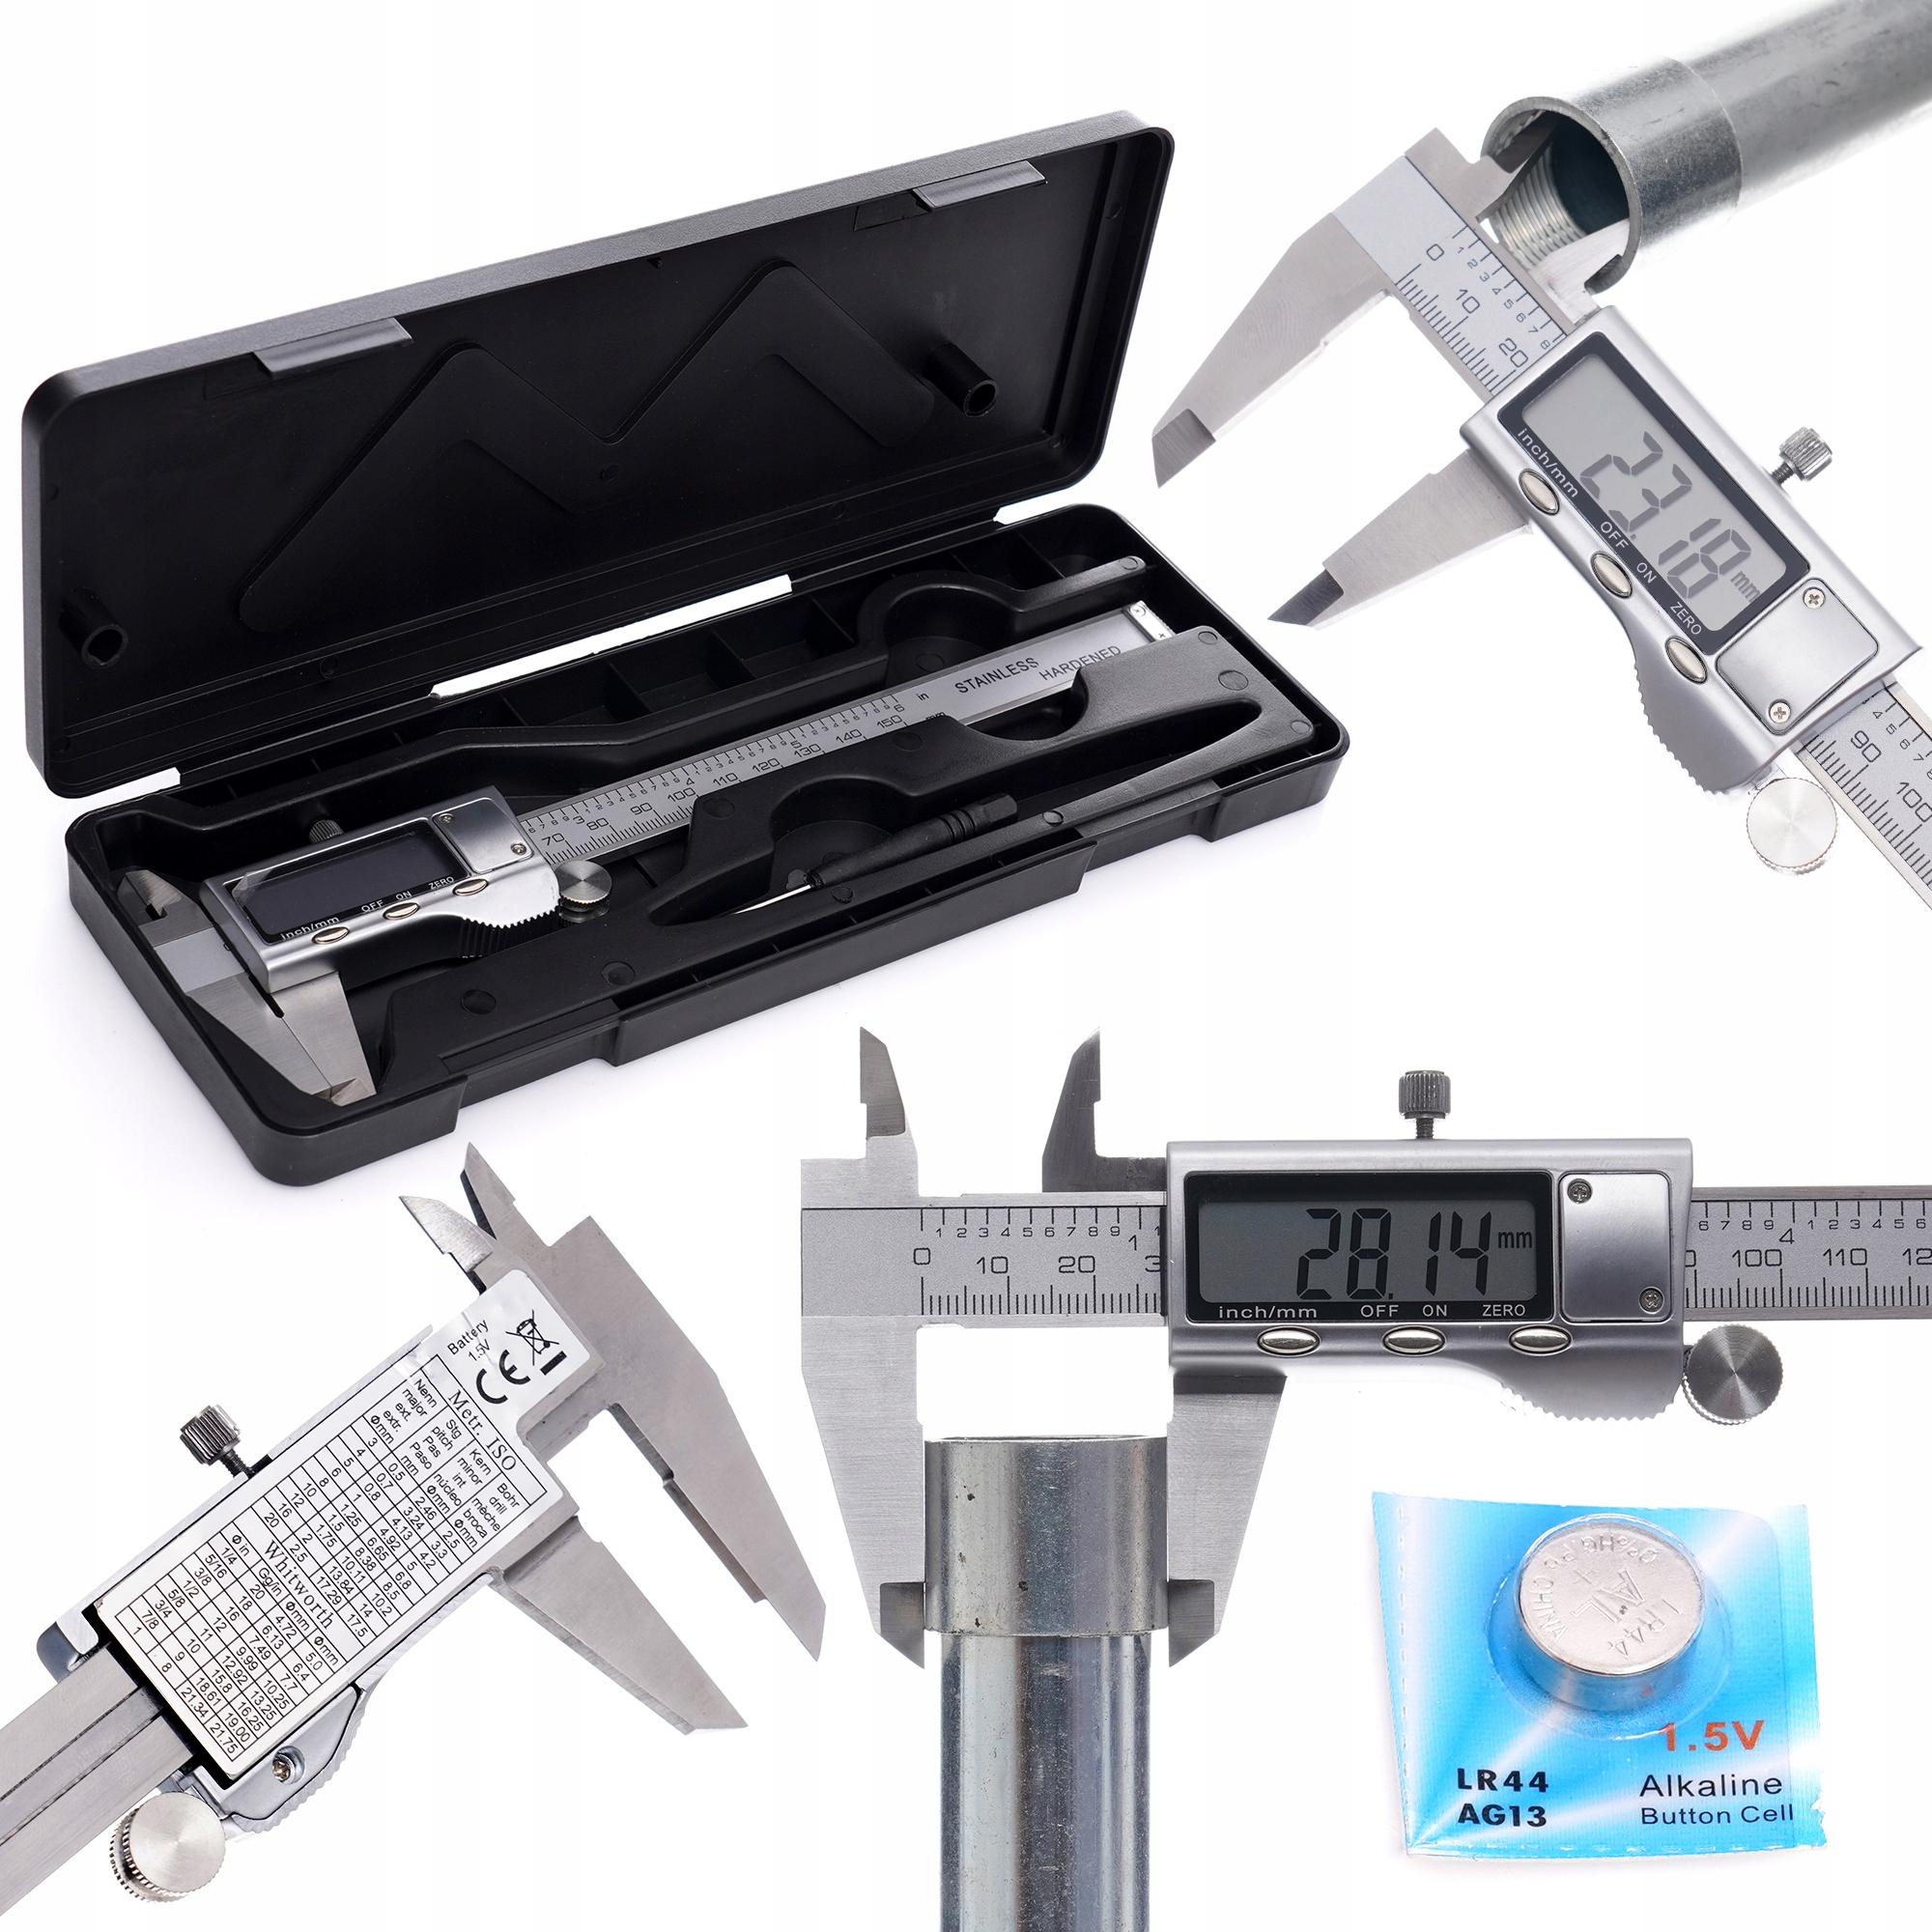 SUWMIARKA ELEKTRONICZNA LCD METALOWA OBUDOWA 150MM